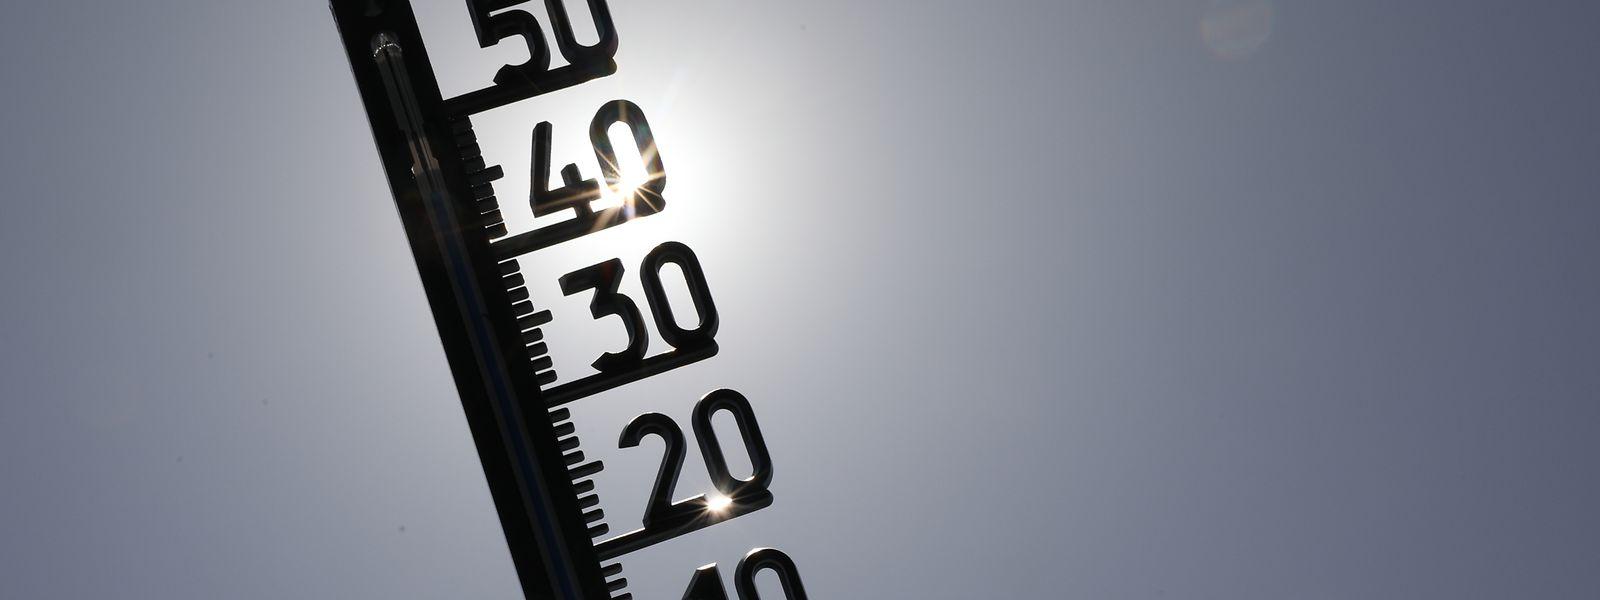 Am 25. Juli stiegen die Temperaturen in Luxemburg bis an die 40-Grad-Marke.